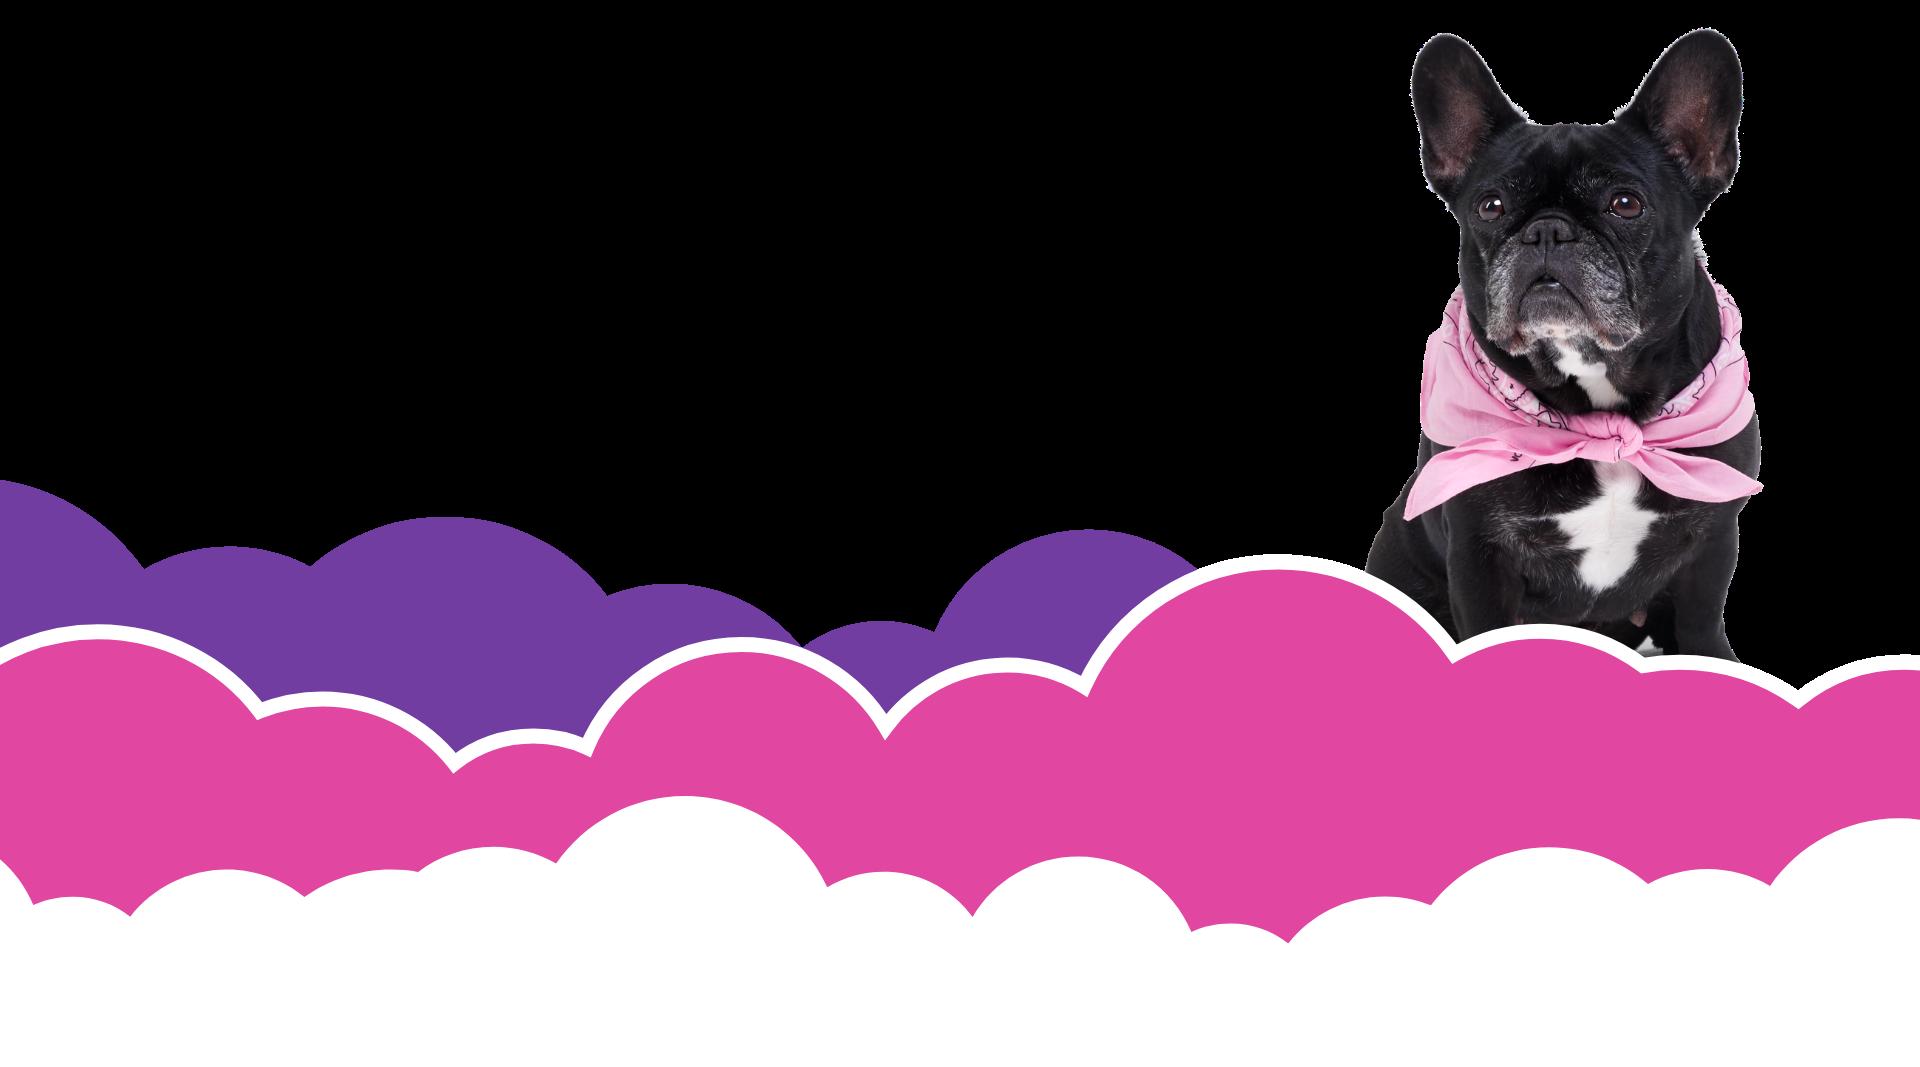 Wölkchen Werbematerial: Abgebildet sind stilisierte Wolken in den Farben der Firma, sowie ein süßer Hund mit rosanem Halsband.